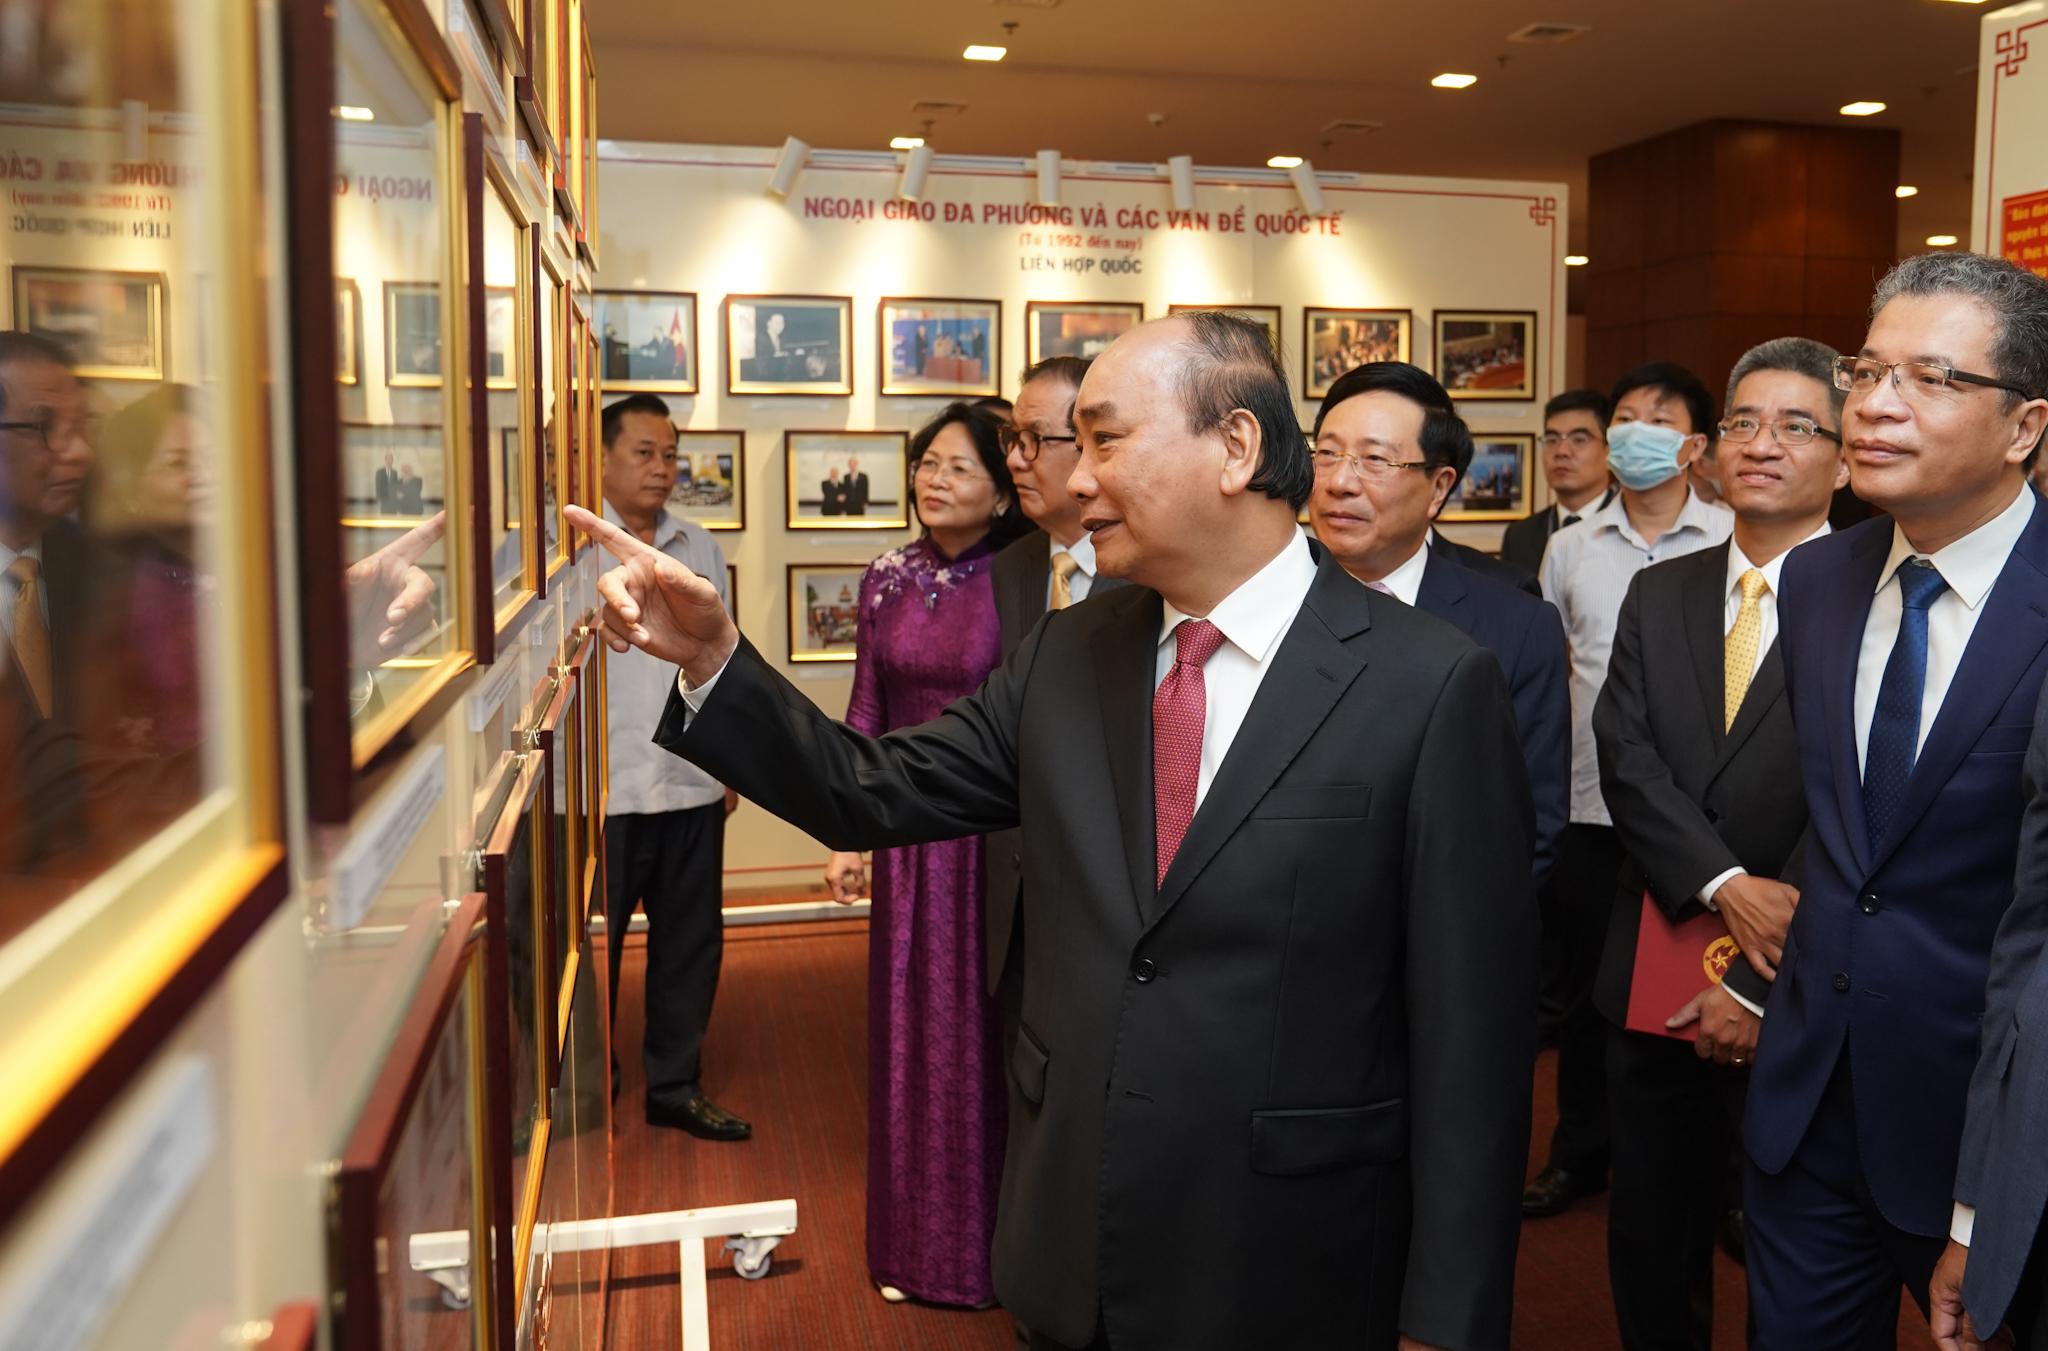 Thủ tướng Nguyễn Xuân Phúc cùng các đại biểu dự Lễ khai trương Nhà truyền thống và Bộ tranh chân dung các Bộ trưởng Bộ Ngoại giao. Ảnh VGP/Quang Hiếu